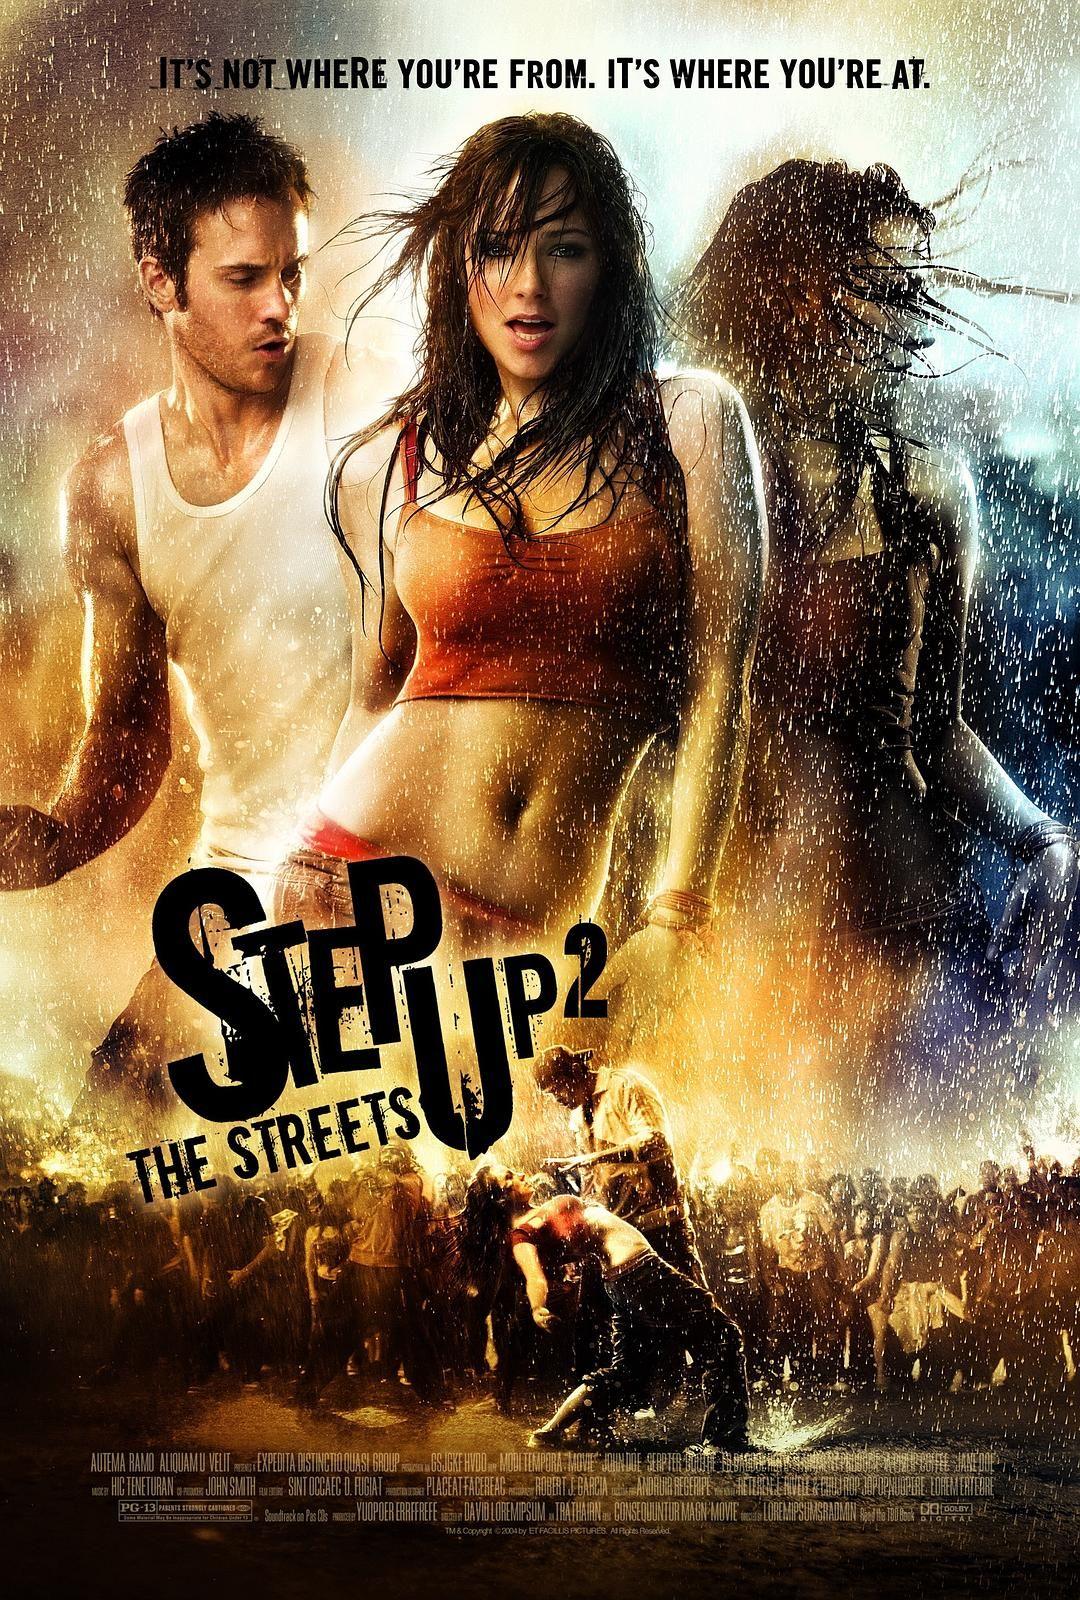 2008美国7.3分青春歌舞《舞出我人生2:街舞》BD1080p.中文字幕